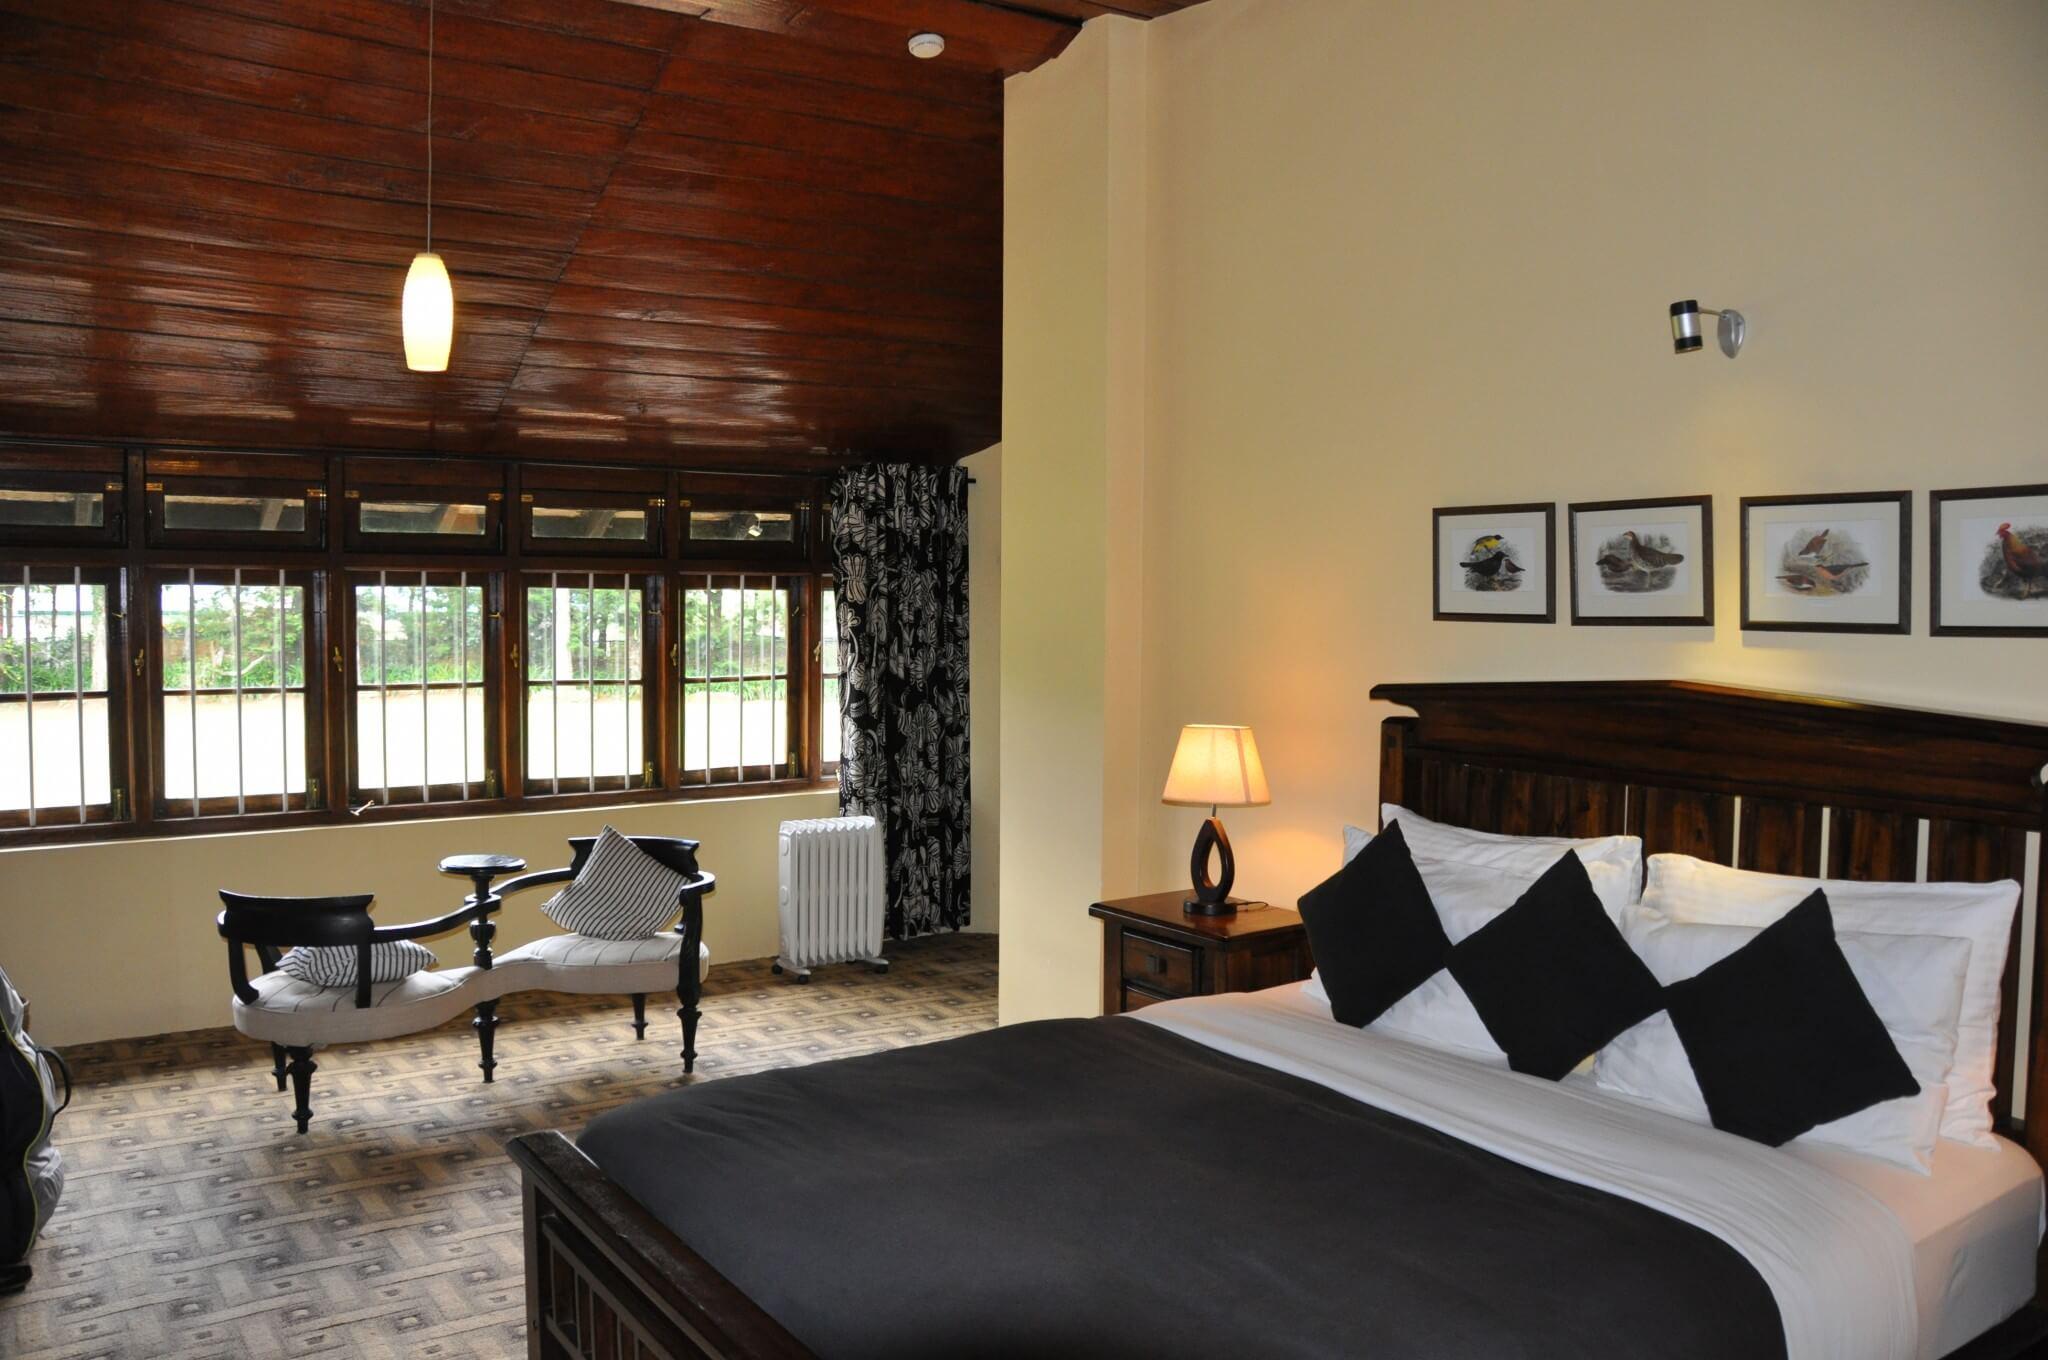 Hoteles en Sri Lanka Nuwara Eliya Hotel Ferncliff